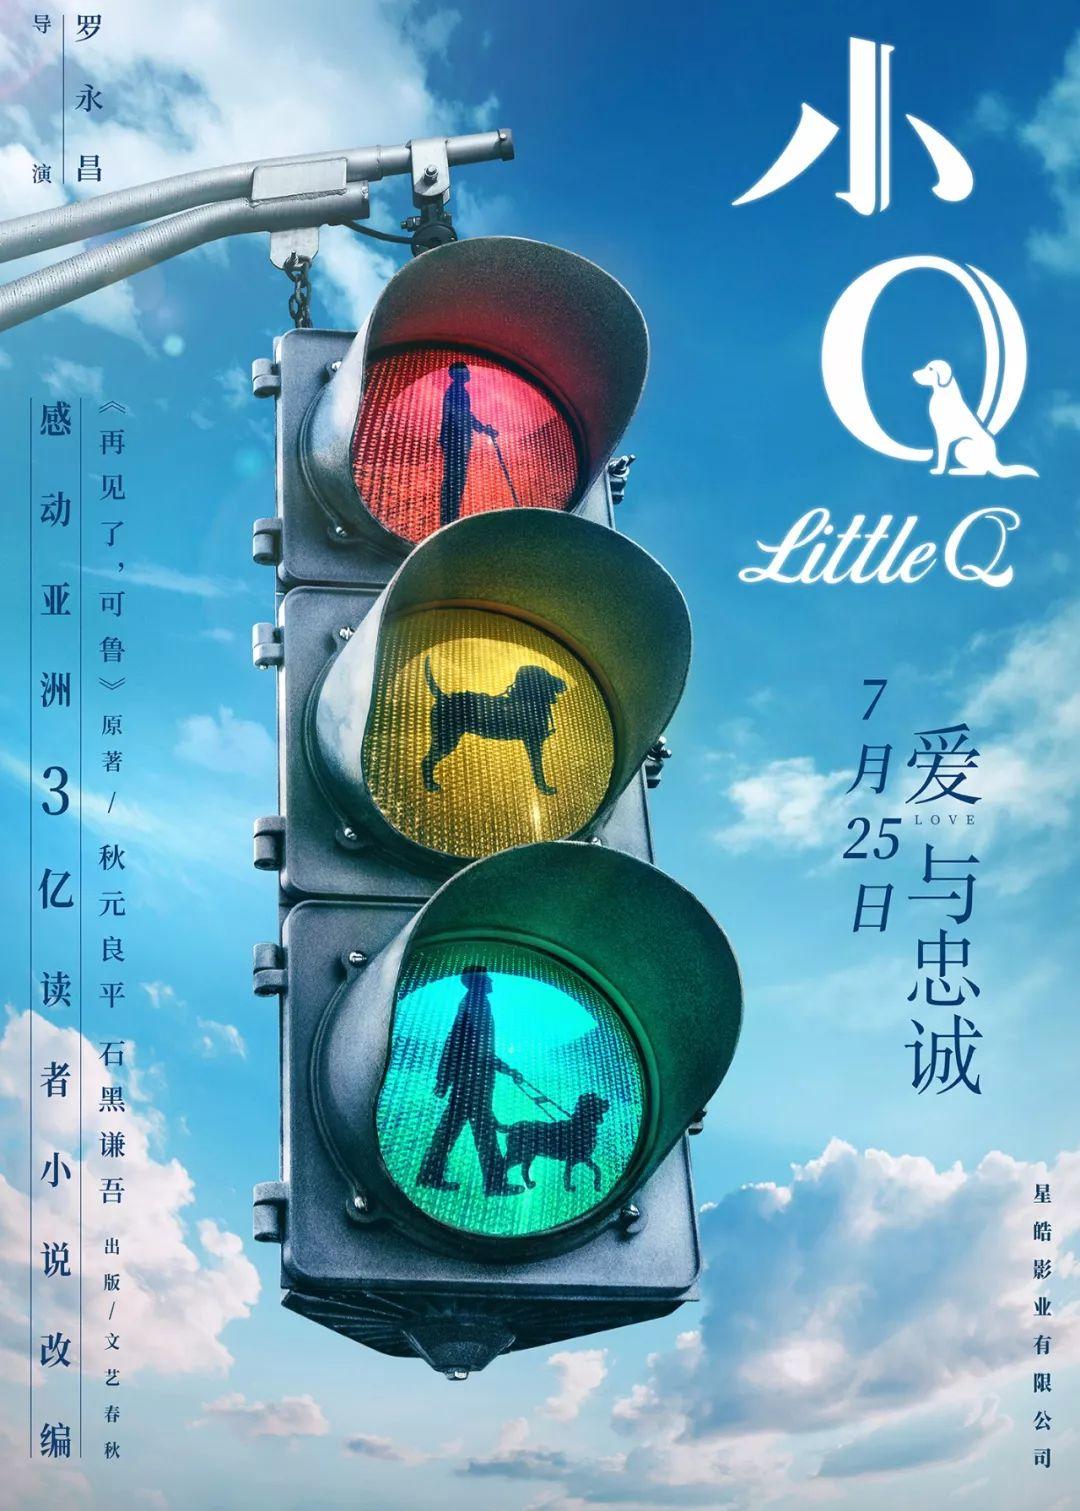 拥有导盲犬的我,想邀请你一起免费观看中国的 小Q